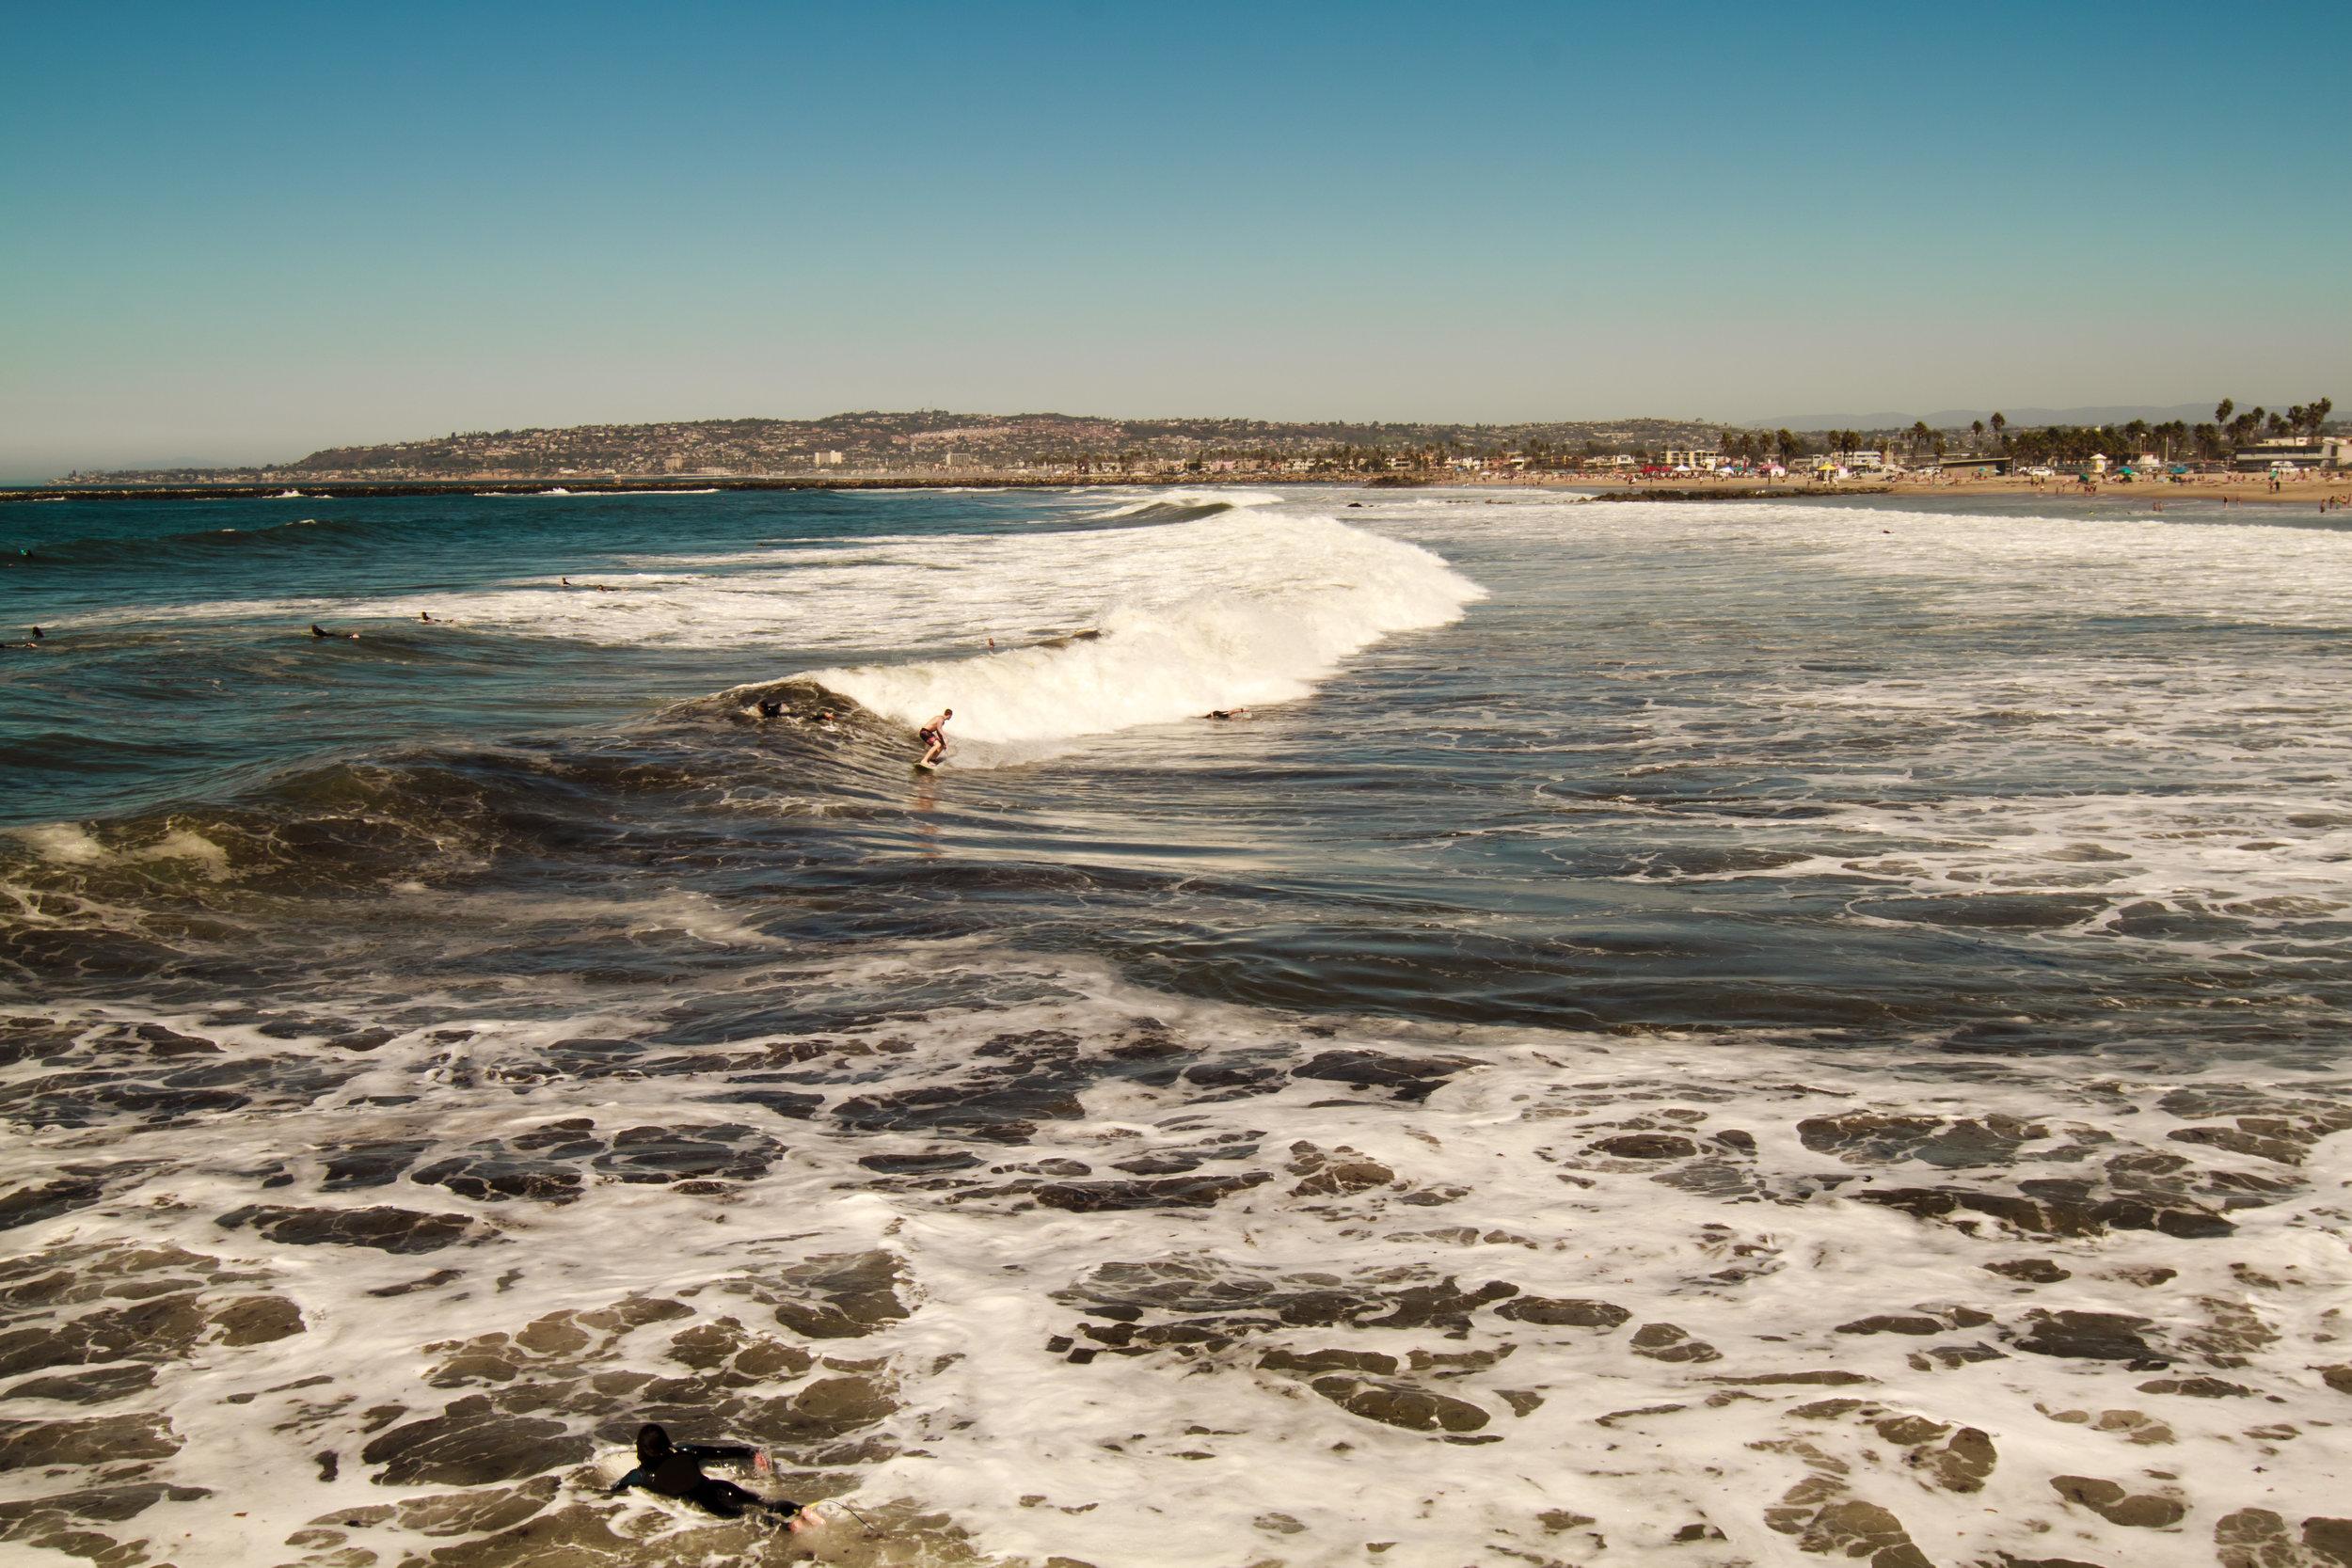 Surfers_at_Ocean_Beach_GFTG.JPG